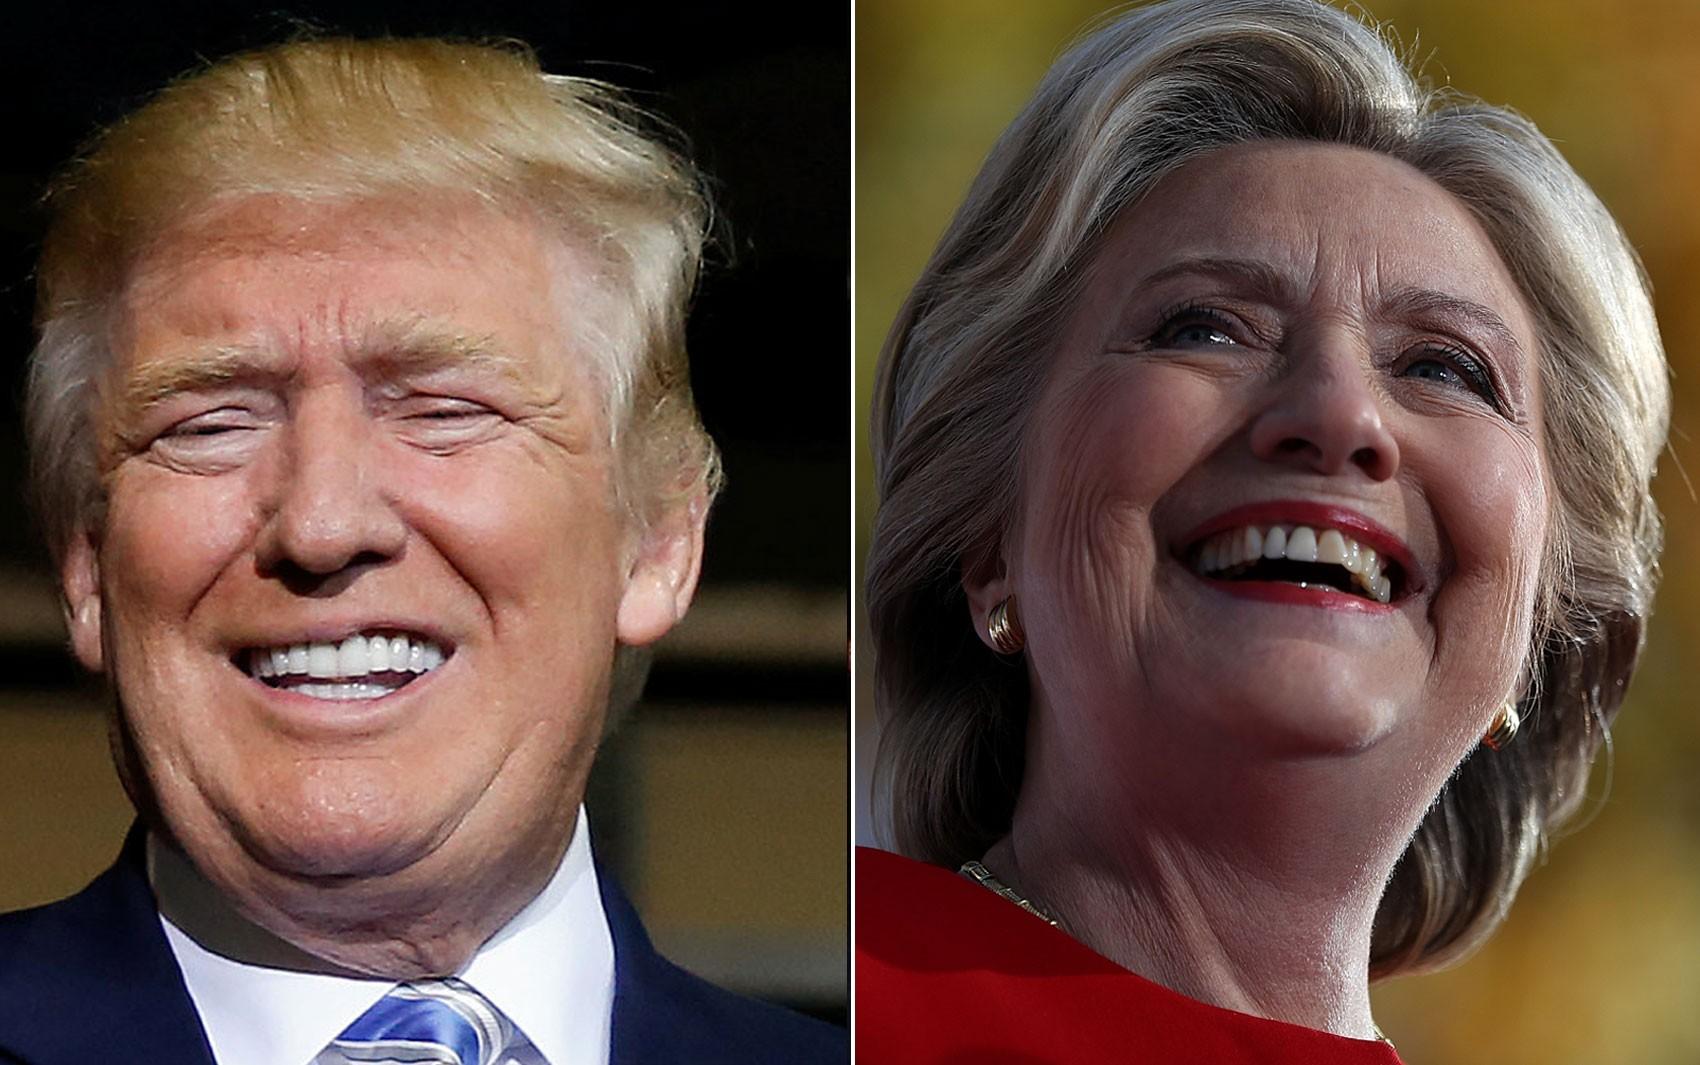 Donald Trump em Saratosa, na Flórida, e Hillary Clinton em Pittsburgh, na Pensilvânia, sorriem durante comícios no último dia da campanha presidencial, na segunda (7) (Foto: Reuters/Carlo Allegri/ Justin Sullivan/Getty Images/AFP)